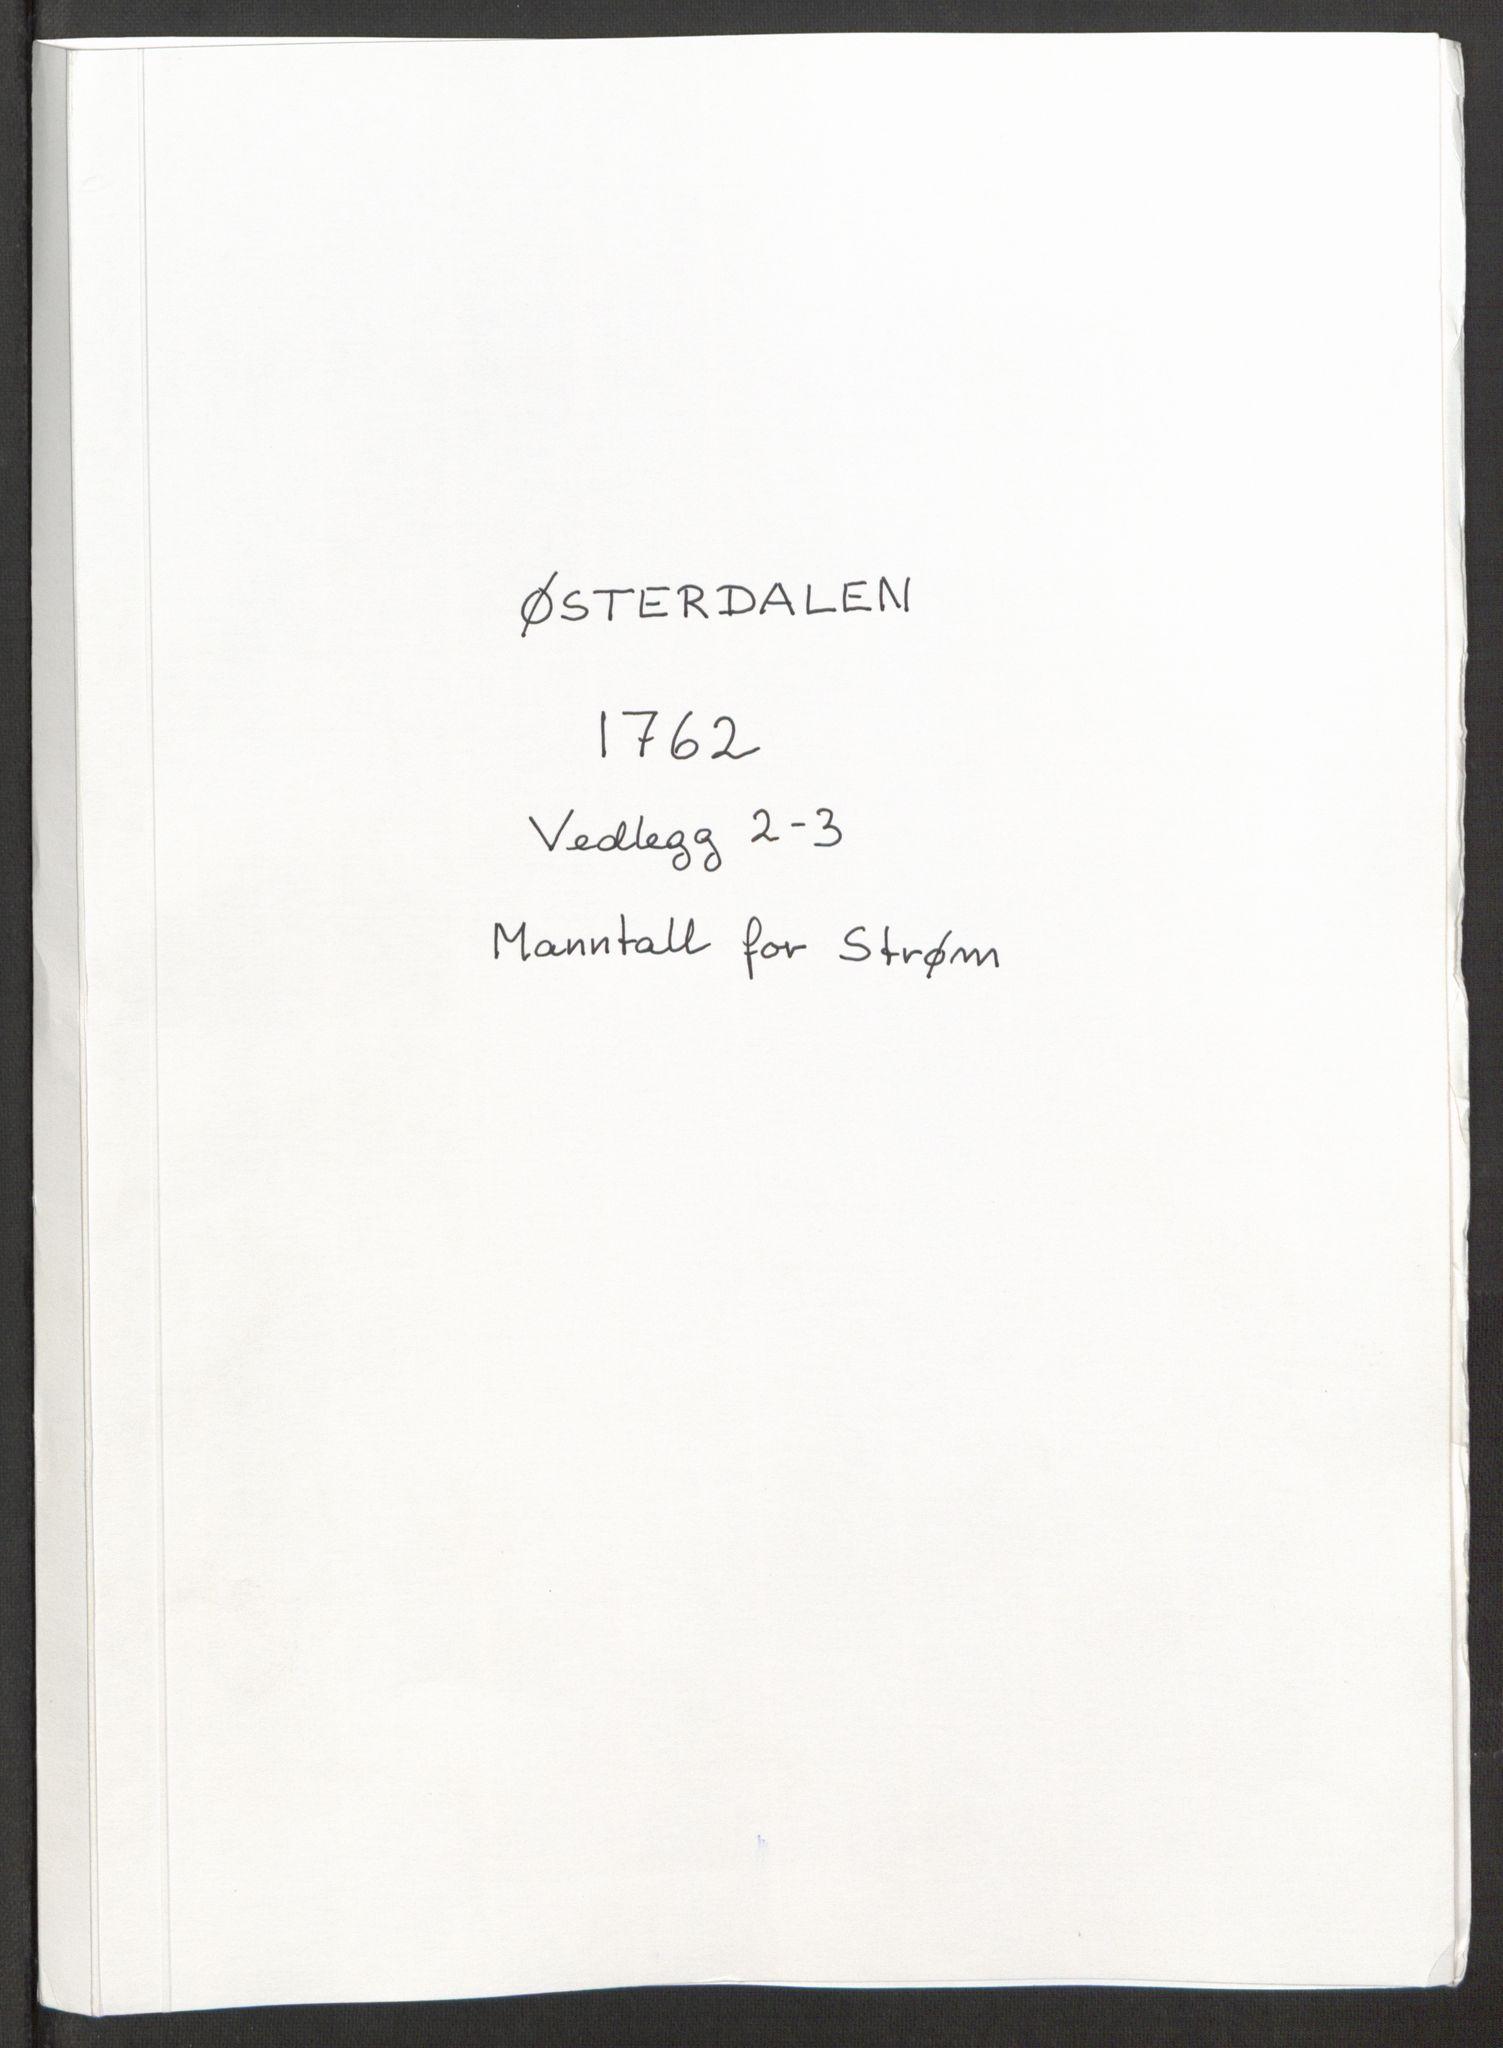 RA, Rentekammeret inntil 1814, Reviderte regnskaper, Fogderegnskap, R15/L1014: Ekstraskatten Østerdal, 1762-1764, s. 19